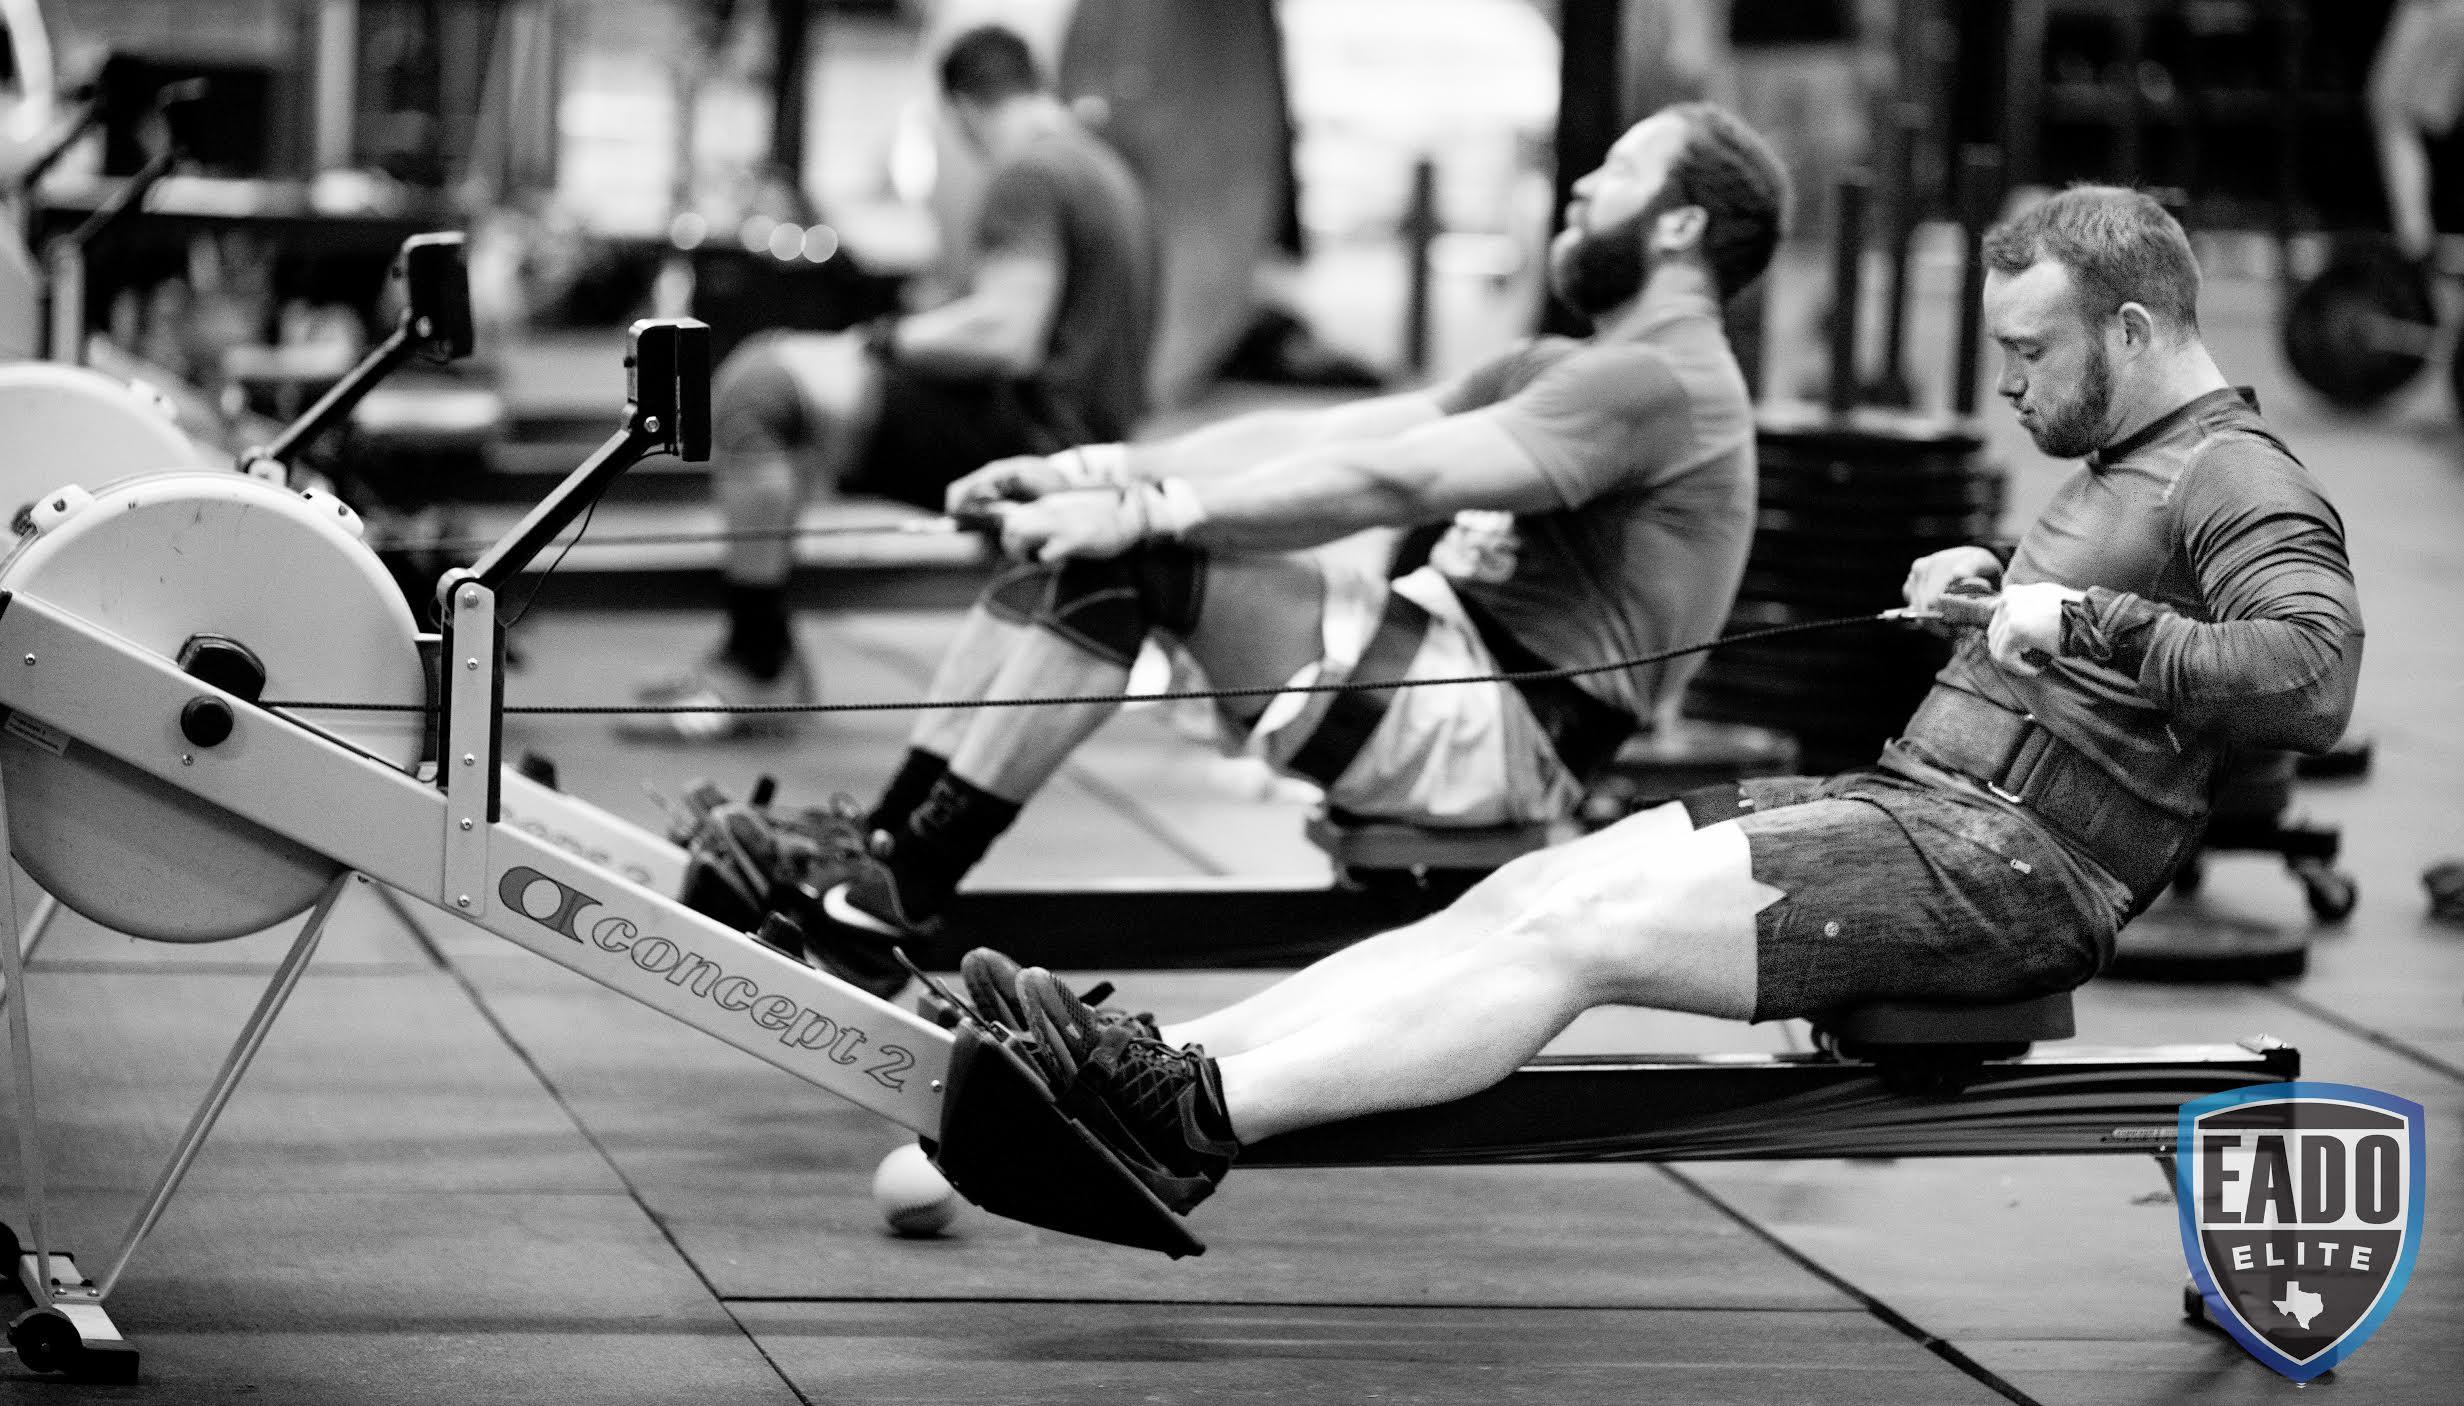 EaDo Elite Athlete Rodrigo Salas  Photo Credit: Sierra Prime